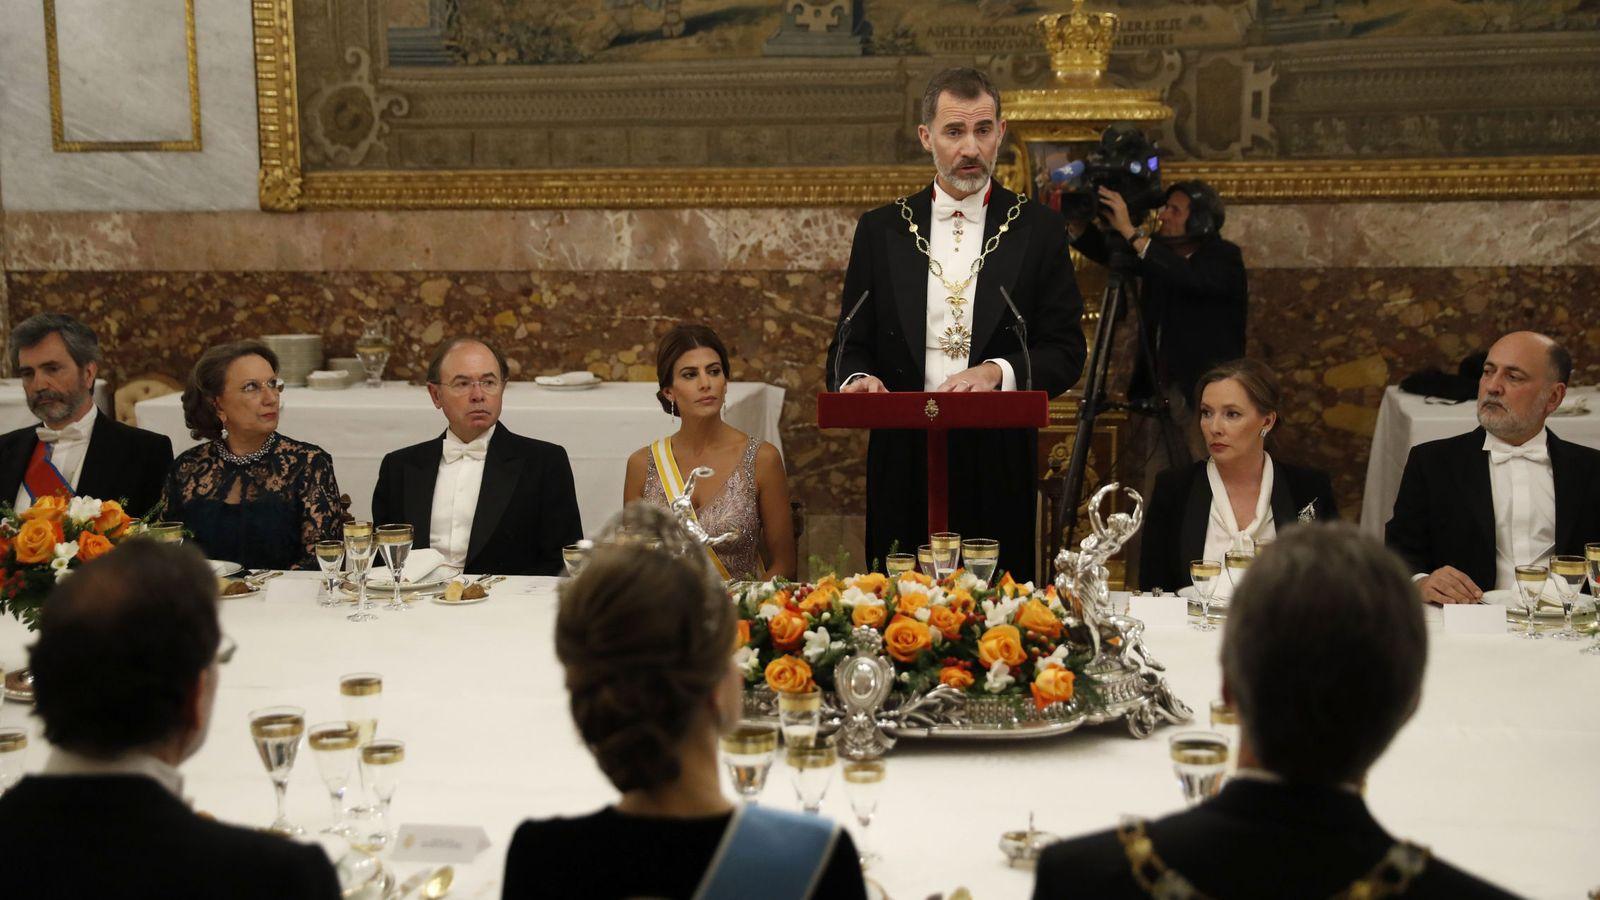 Foto: El rey Felipe, durante su discurso al inicio de la cena de gala ofrecida al presidente de Argentina, Mauricio Macri (dcha., de espaldas) y su esposa, Juliana Awada (4i). (EFE)